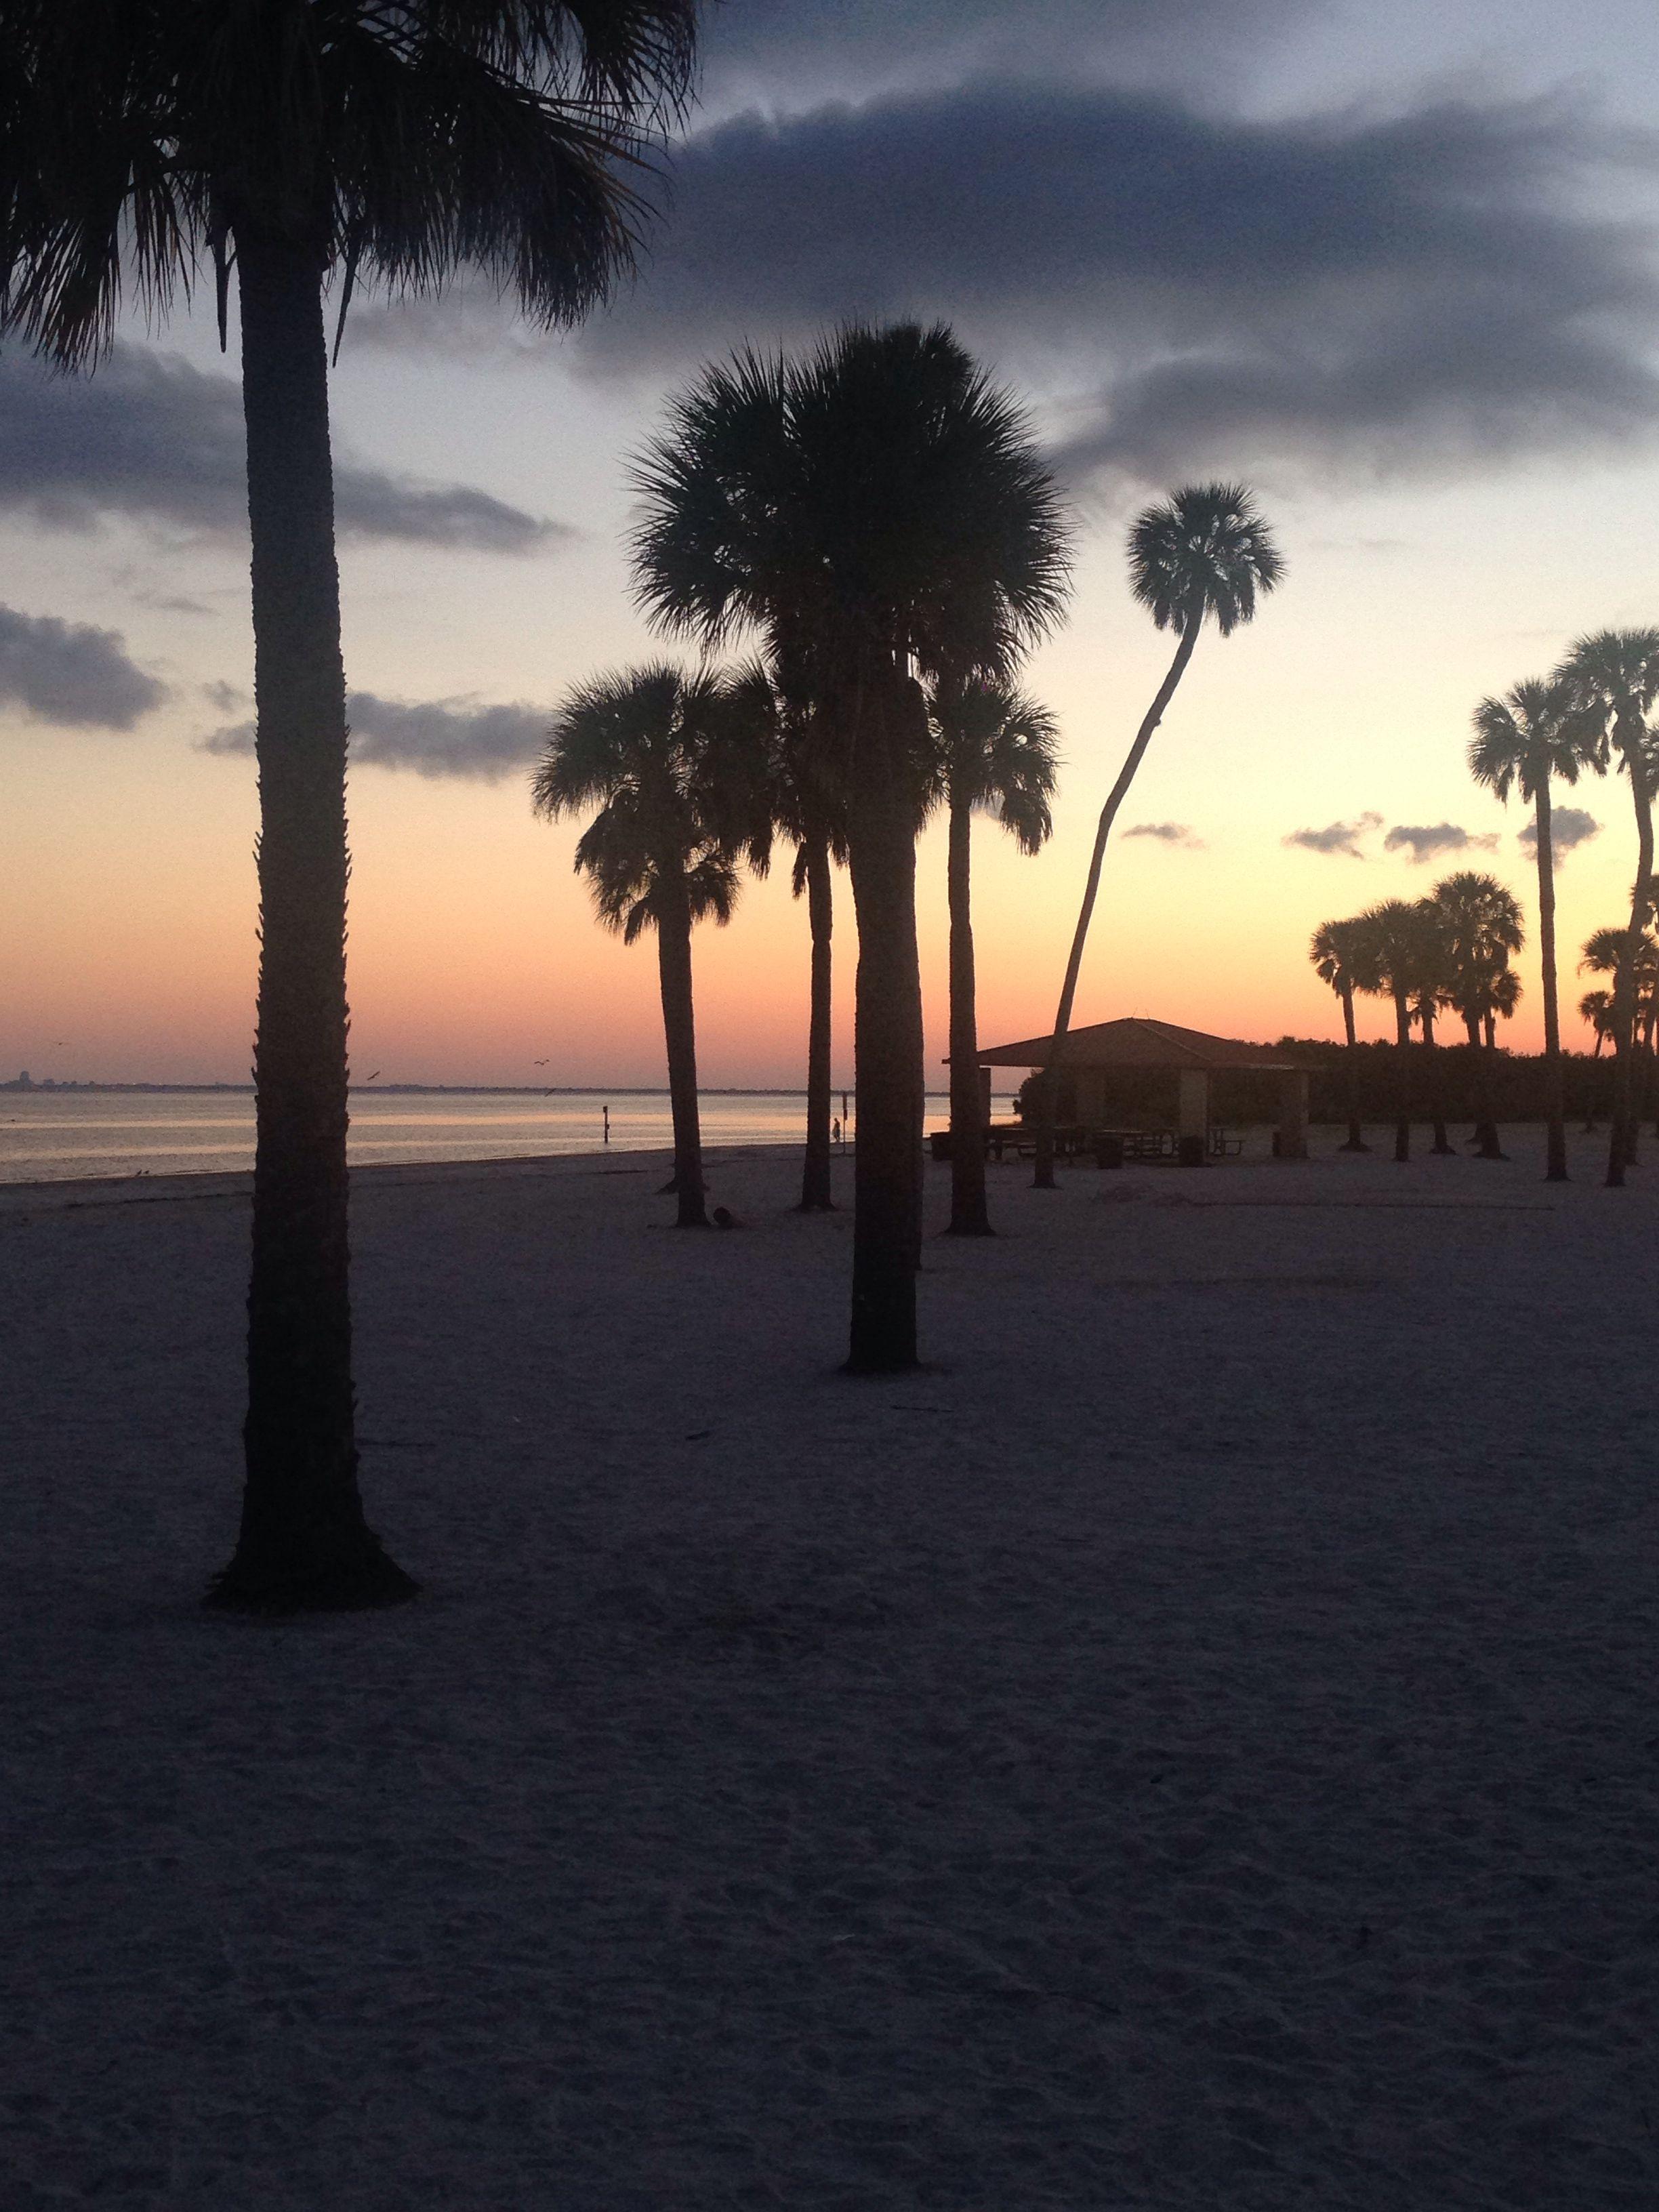 Macdill Afb Beach At Sunset Sunset Beach Hometown